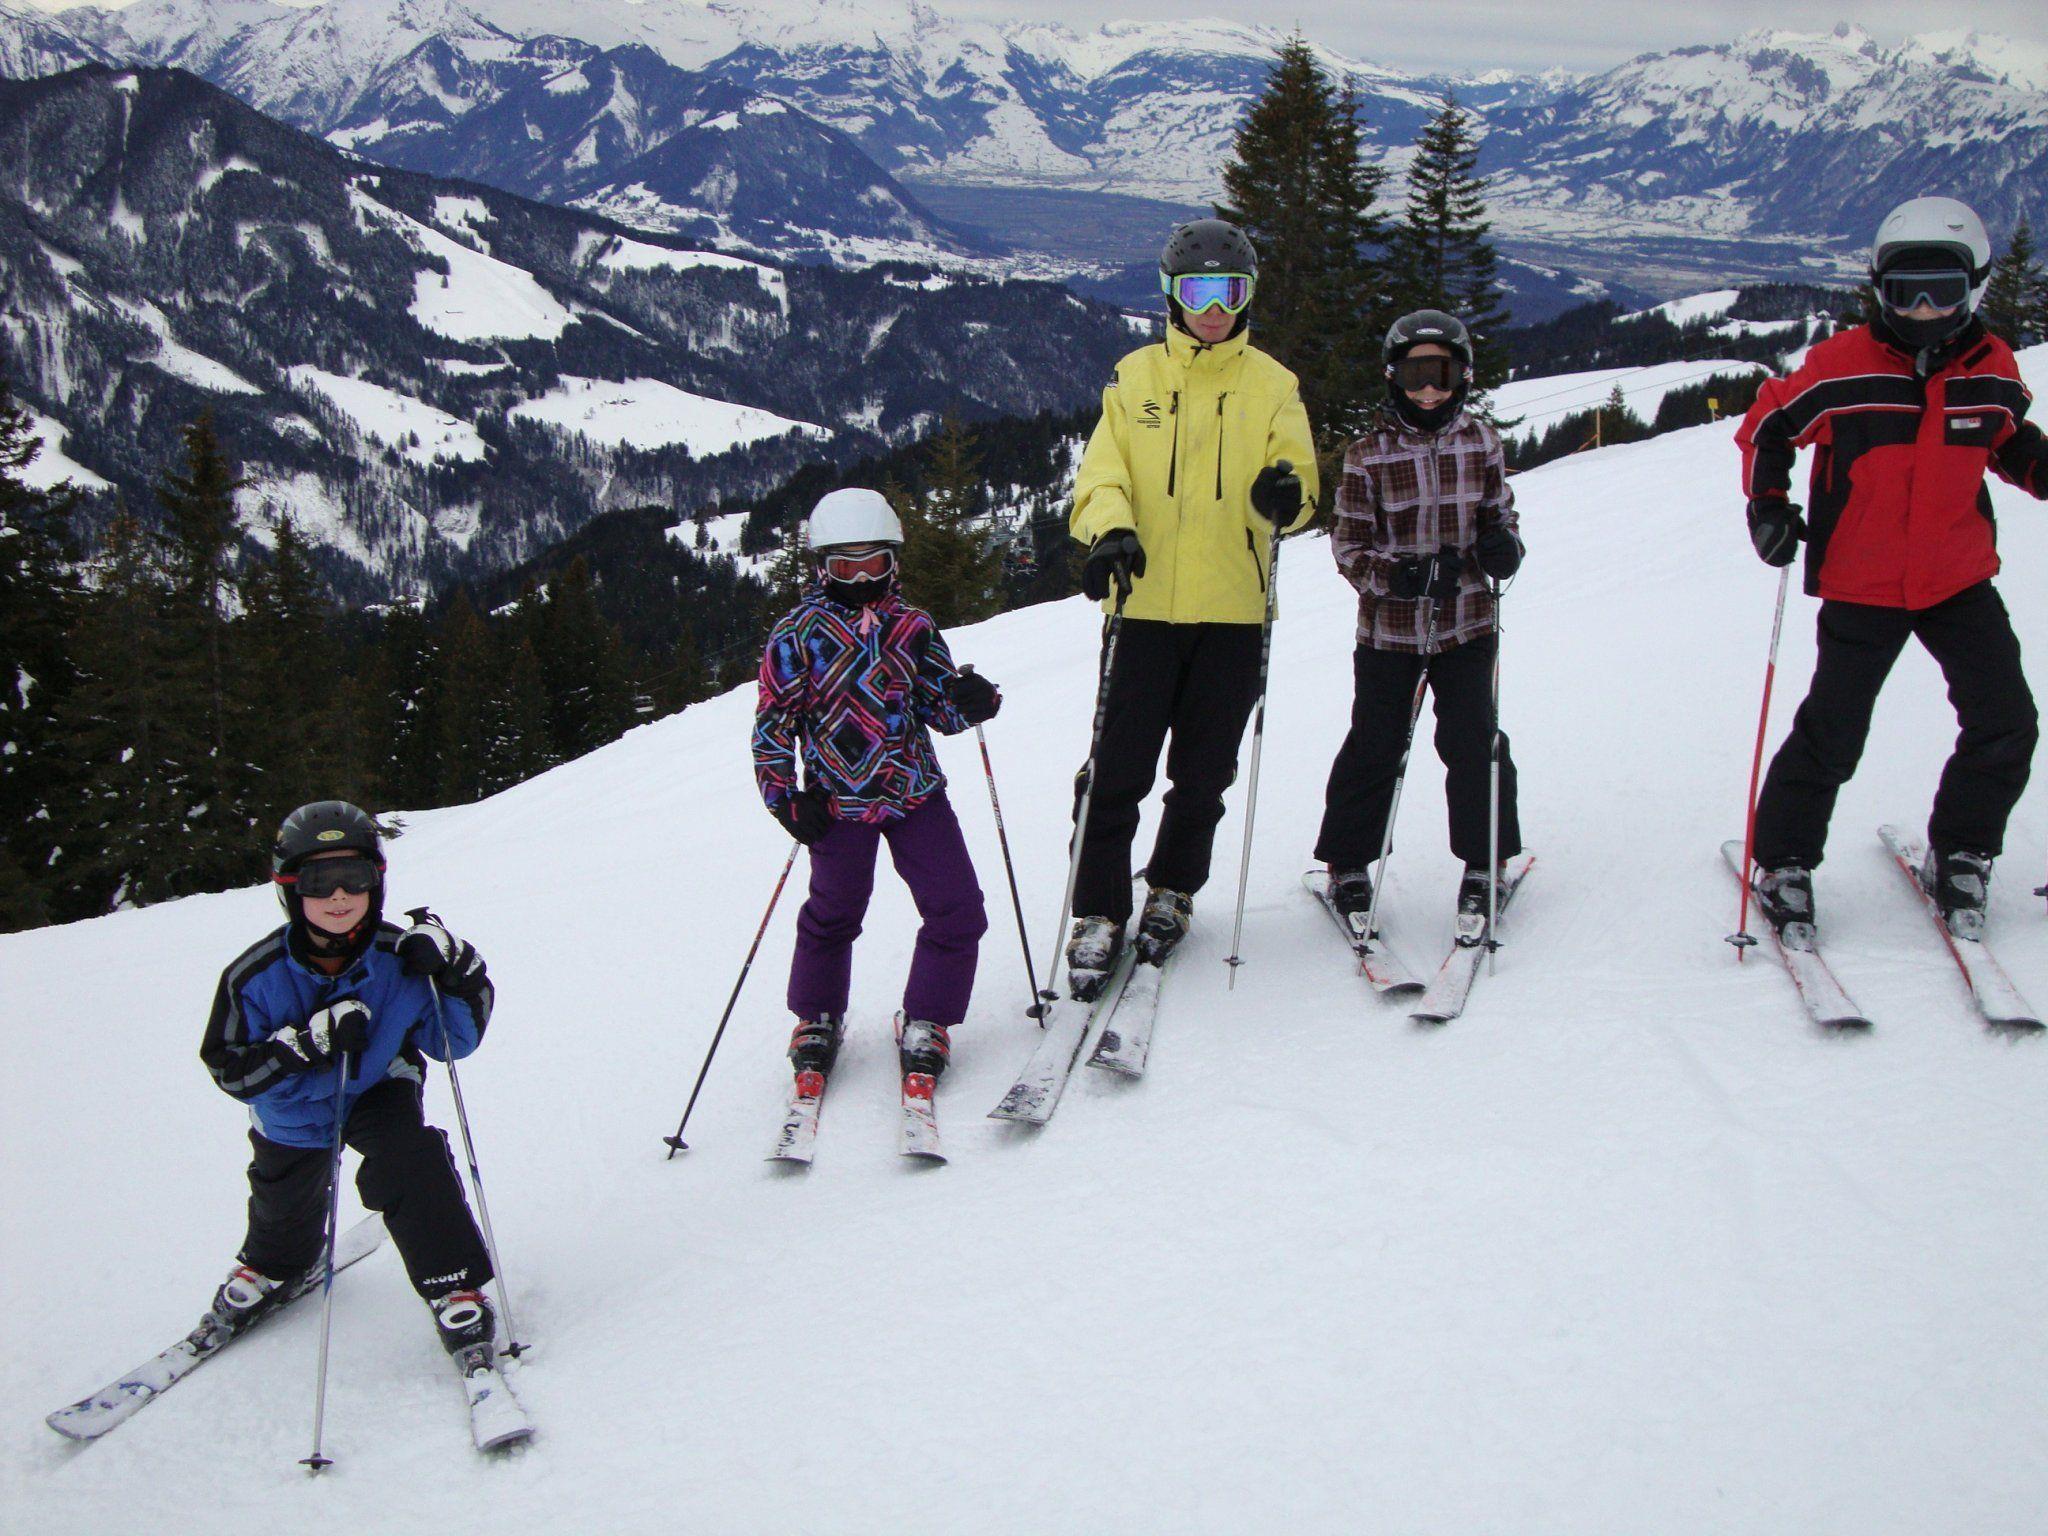 """Viel Spaß macht den Kindern das """"Schifahren mit Flocke"""" - Mehr Fotos unter: www.sv-goetzis.at"""